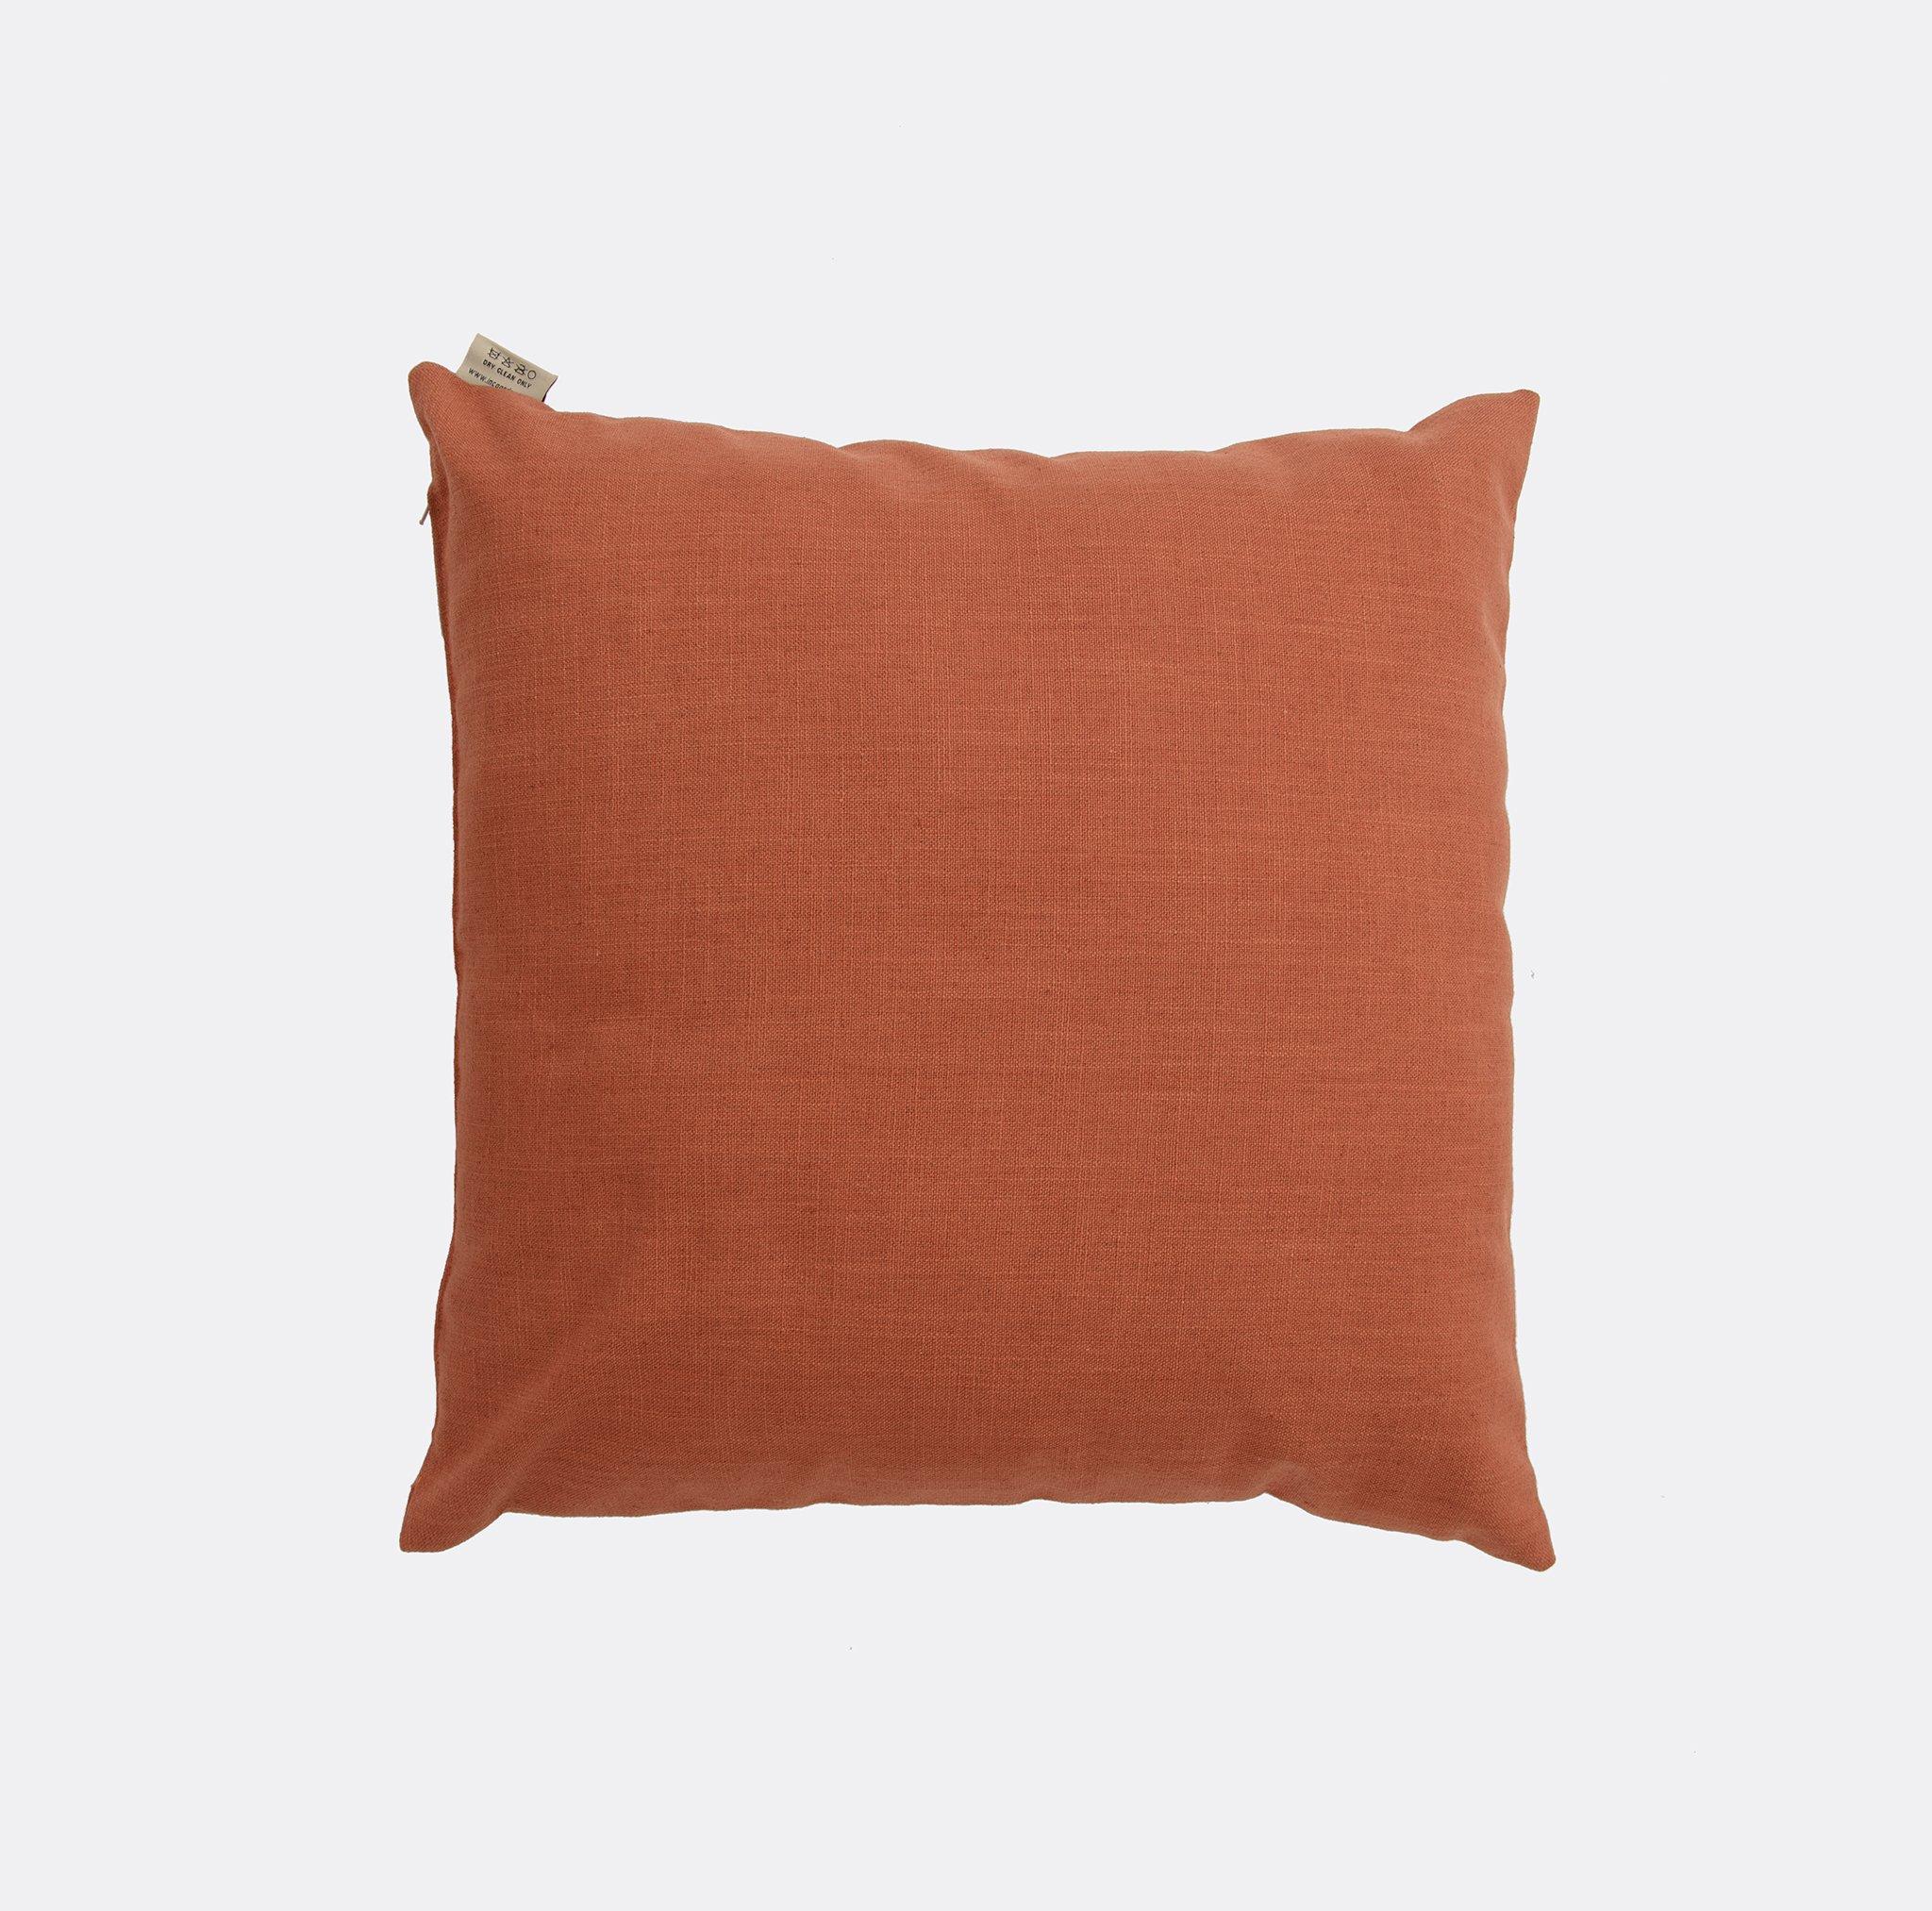 Crisp Linen - Carrot Cushion